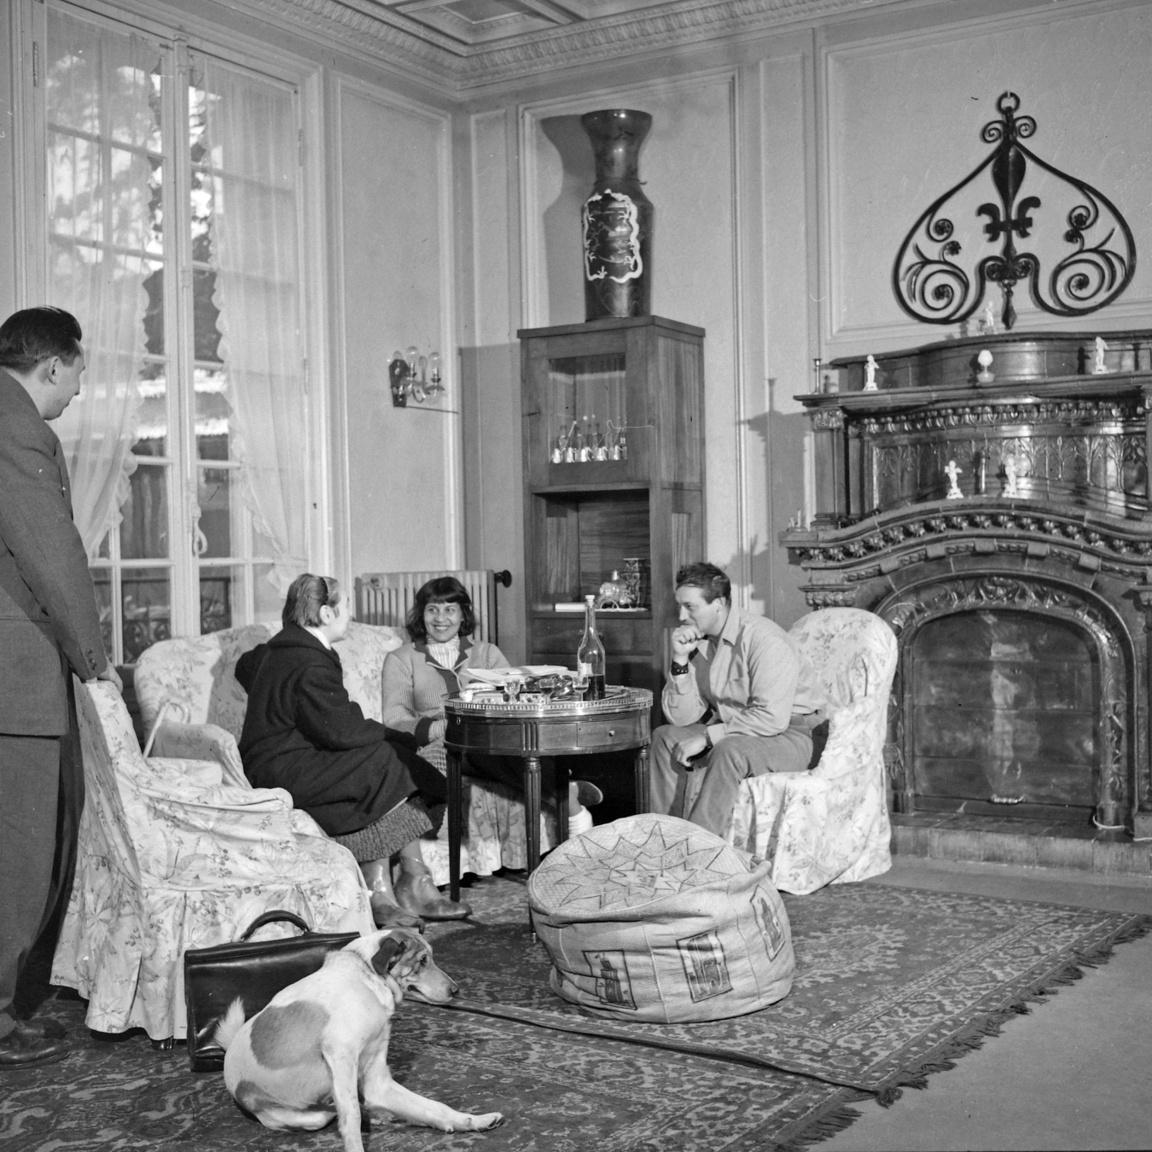 Elkapott pillanat a Cziffra házaspár franciaországi kastélyában. A zongoraművész mellett balra felesége, az egyiptomi származású Soleika.